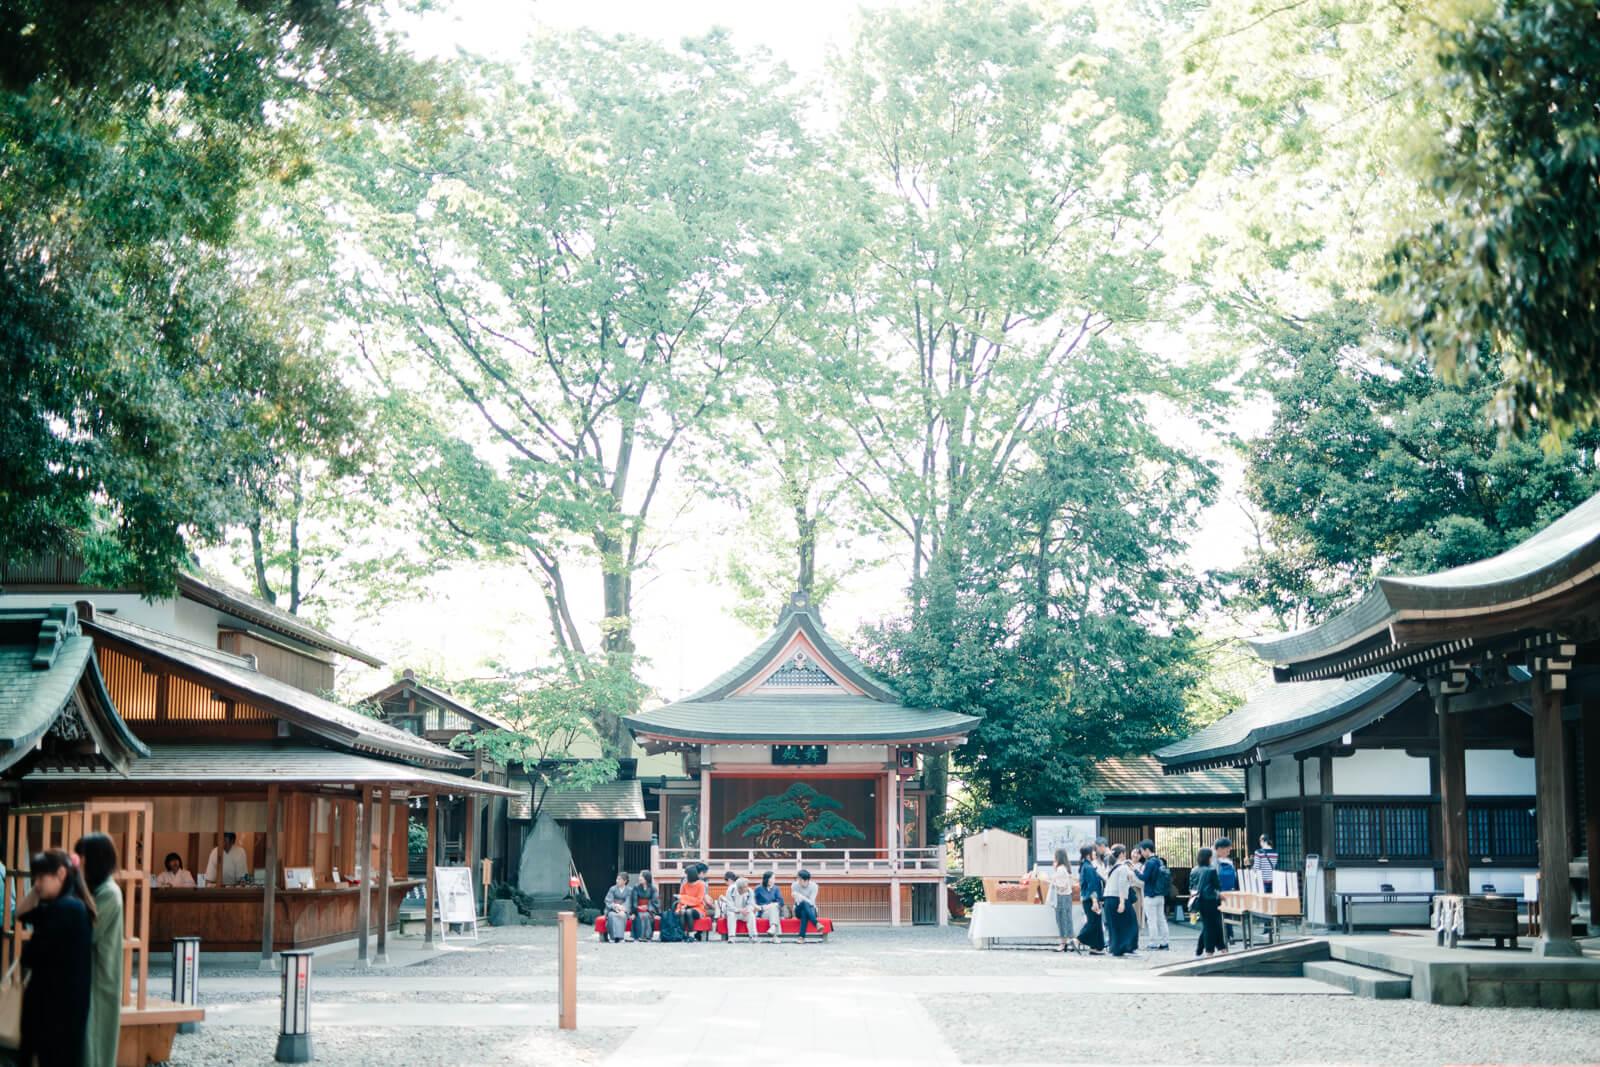 川越氷川神社 境内 七五三とお宮参りの出張撮影